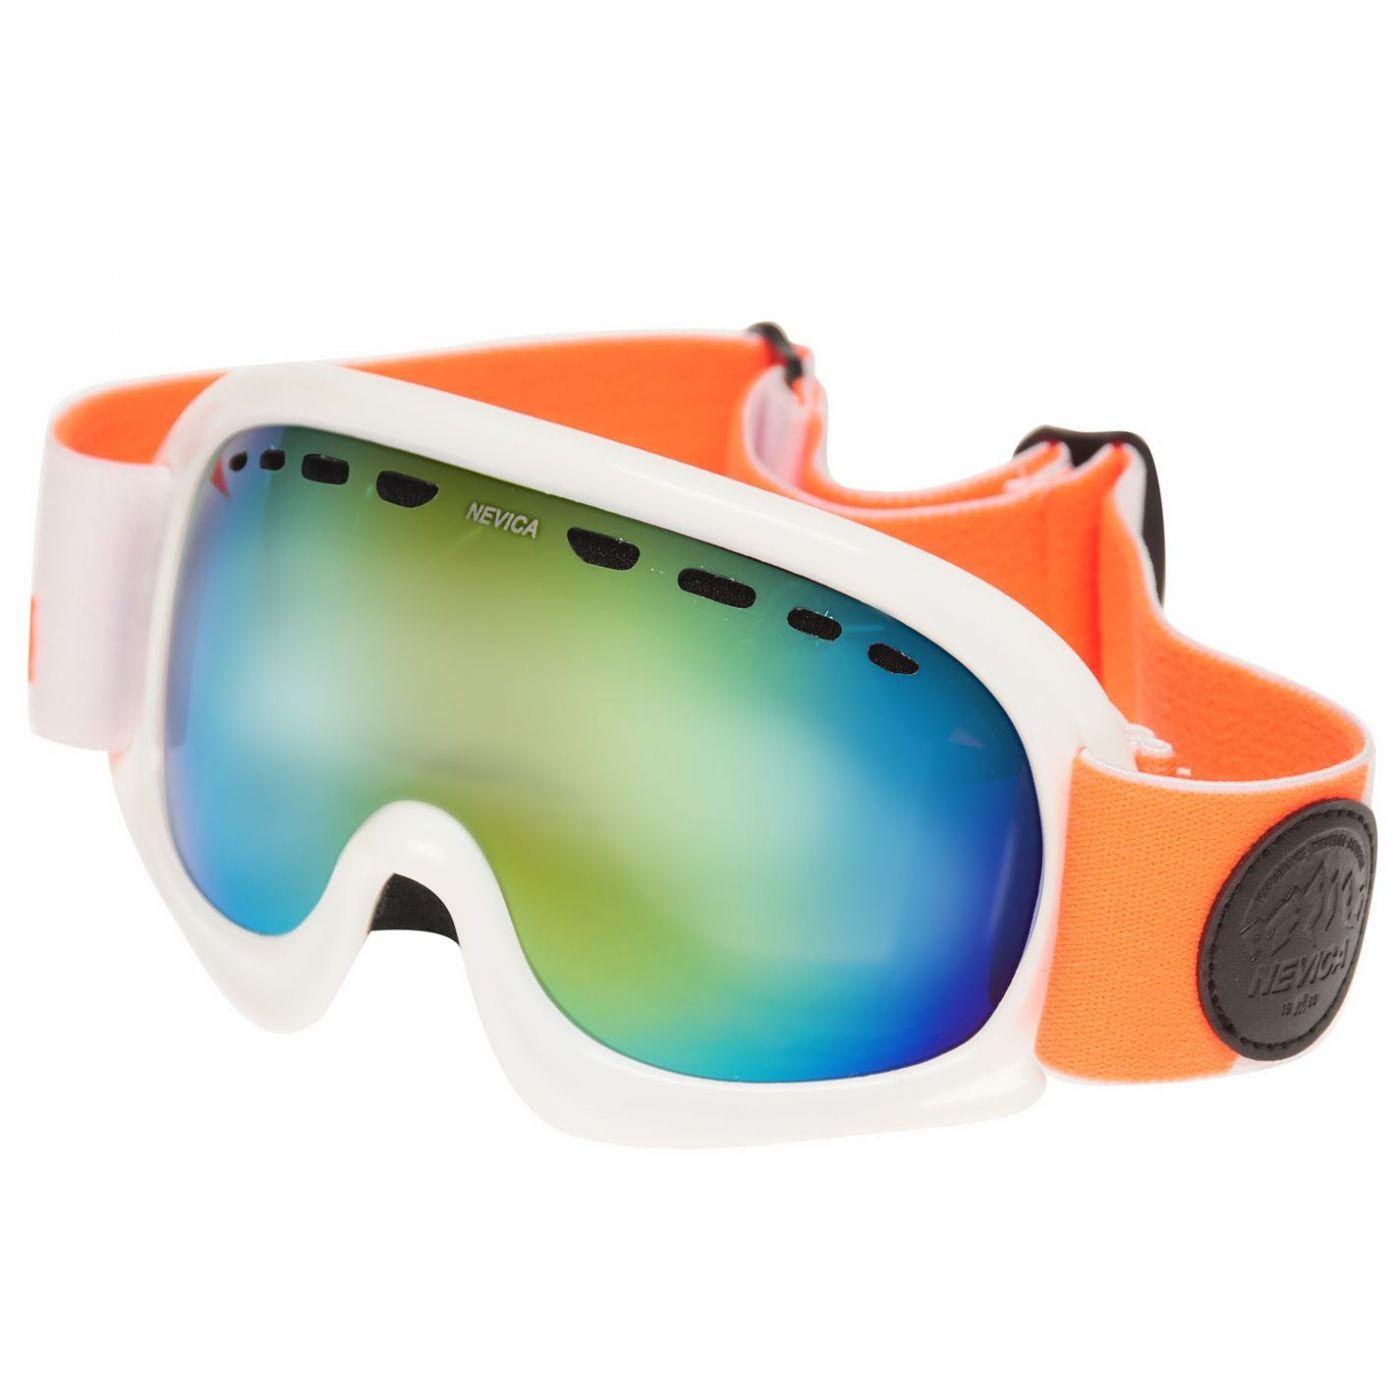 Nevica Boost Ski Goggles Mens